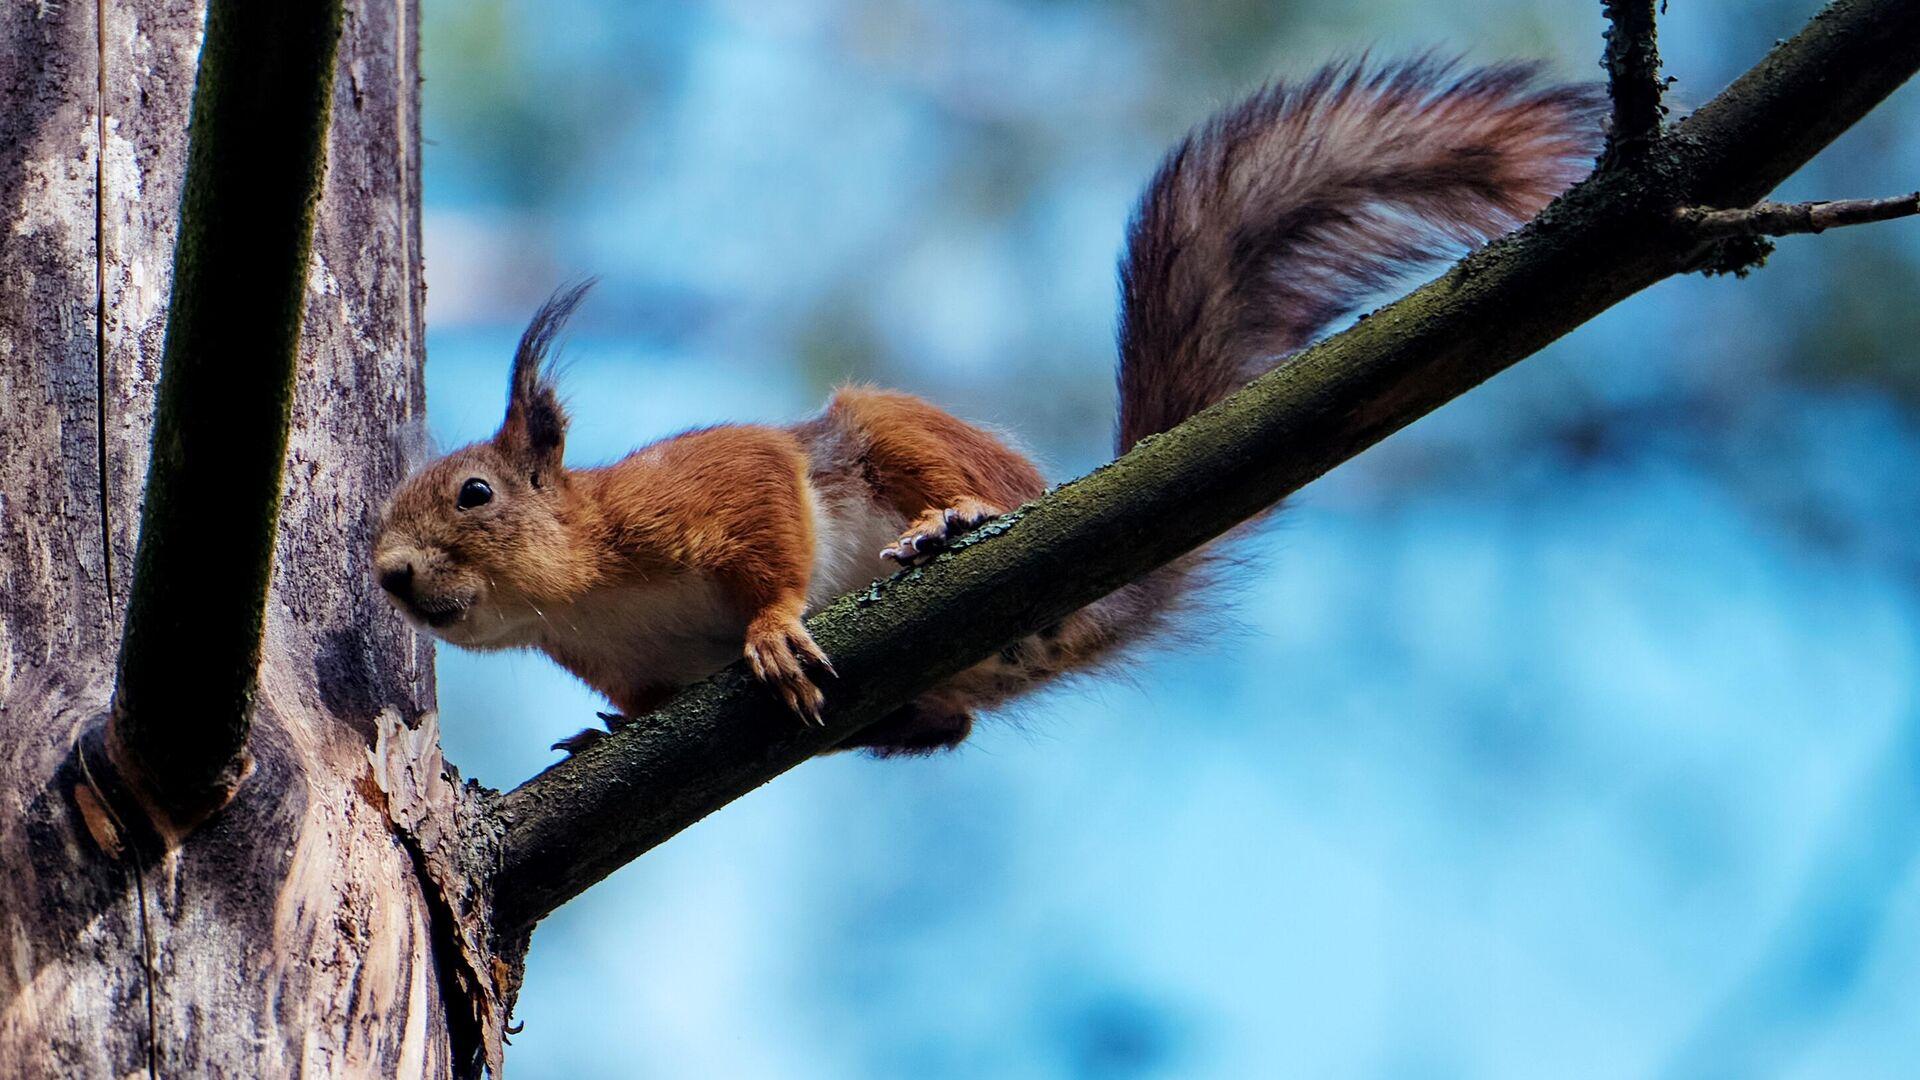 Uno scoiattolo su un albero - Sputnik Italia, 1920, 17.09.2021